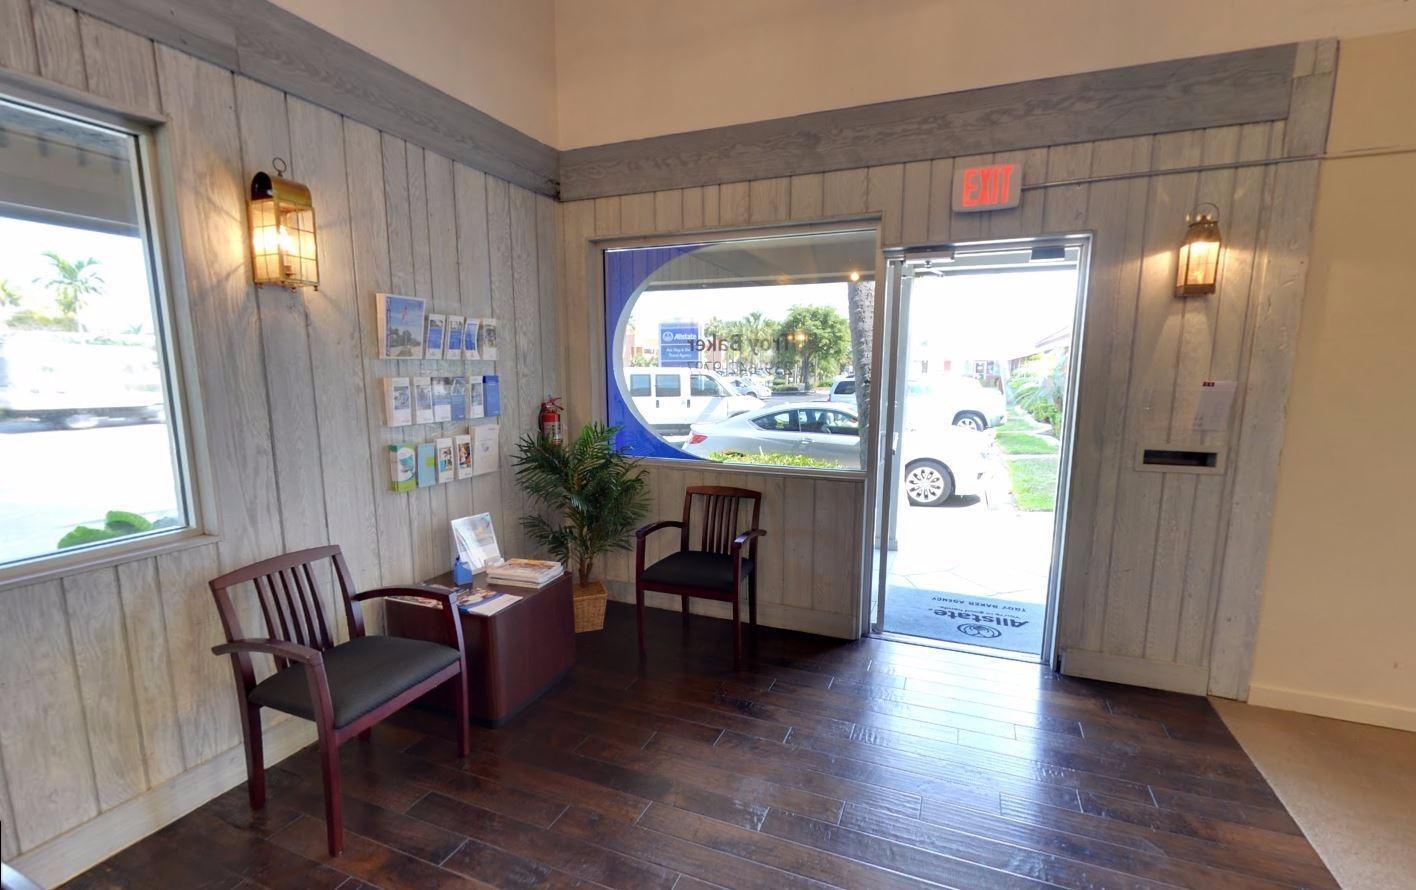 Allstate | Car Insurance in Marco Island, FL - Troy Baker